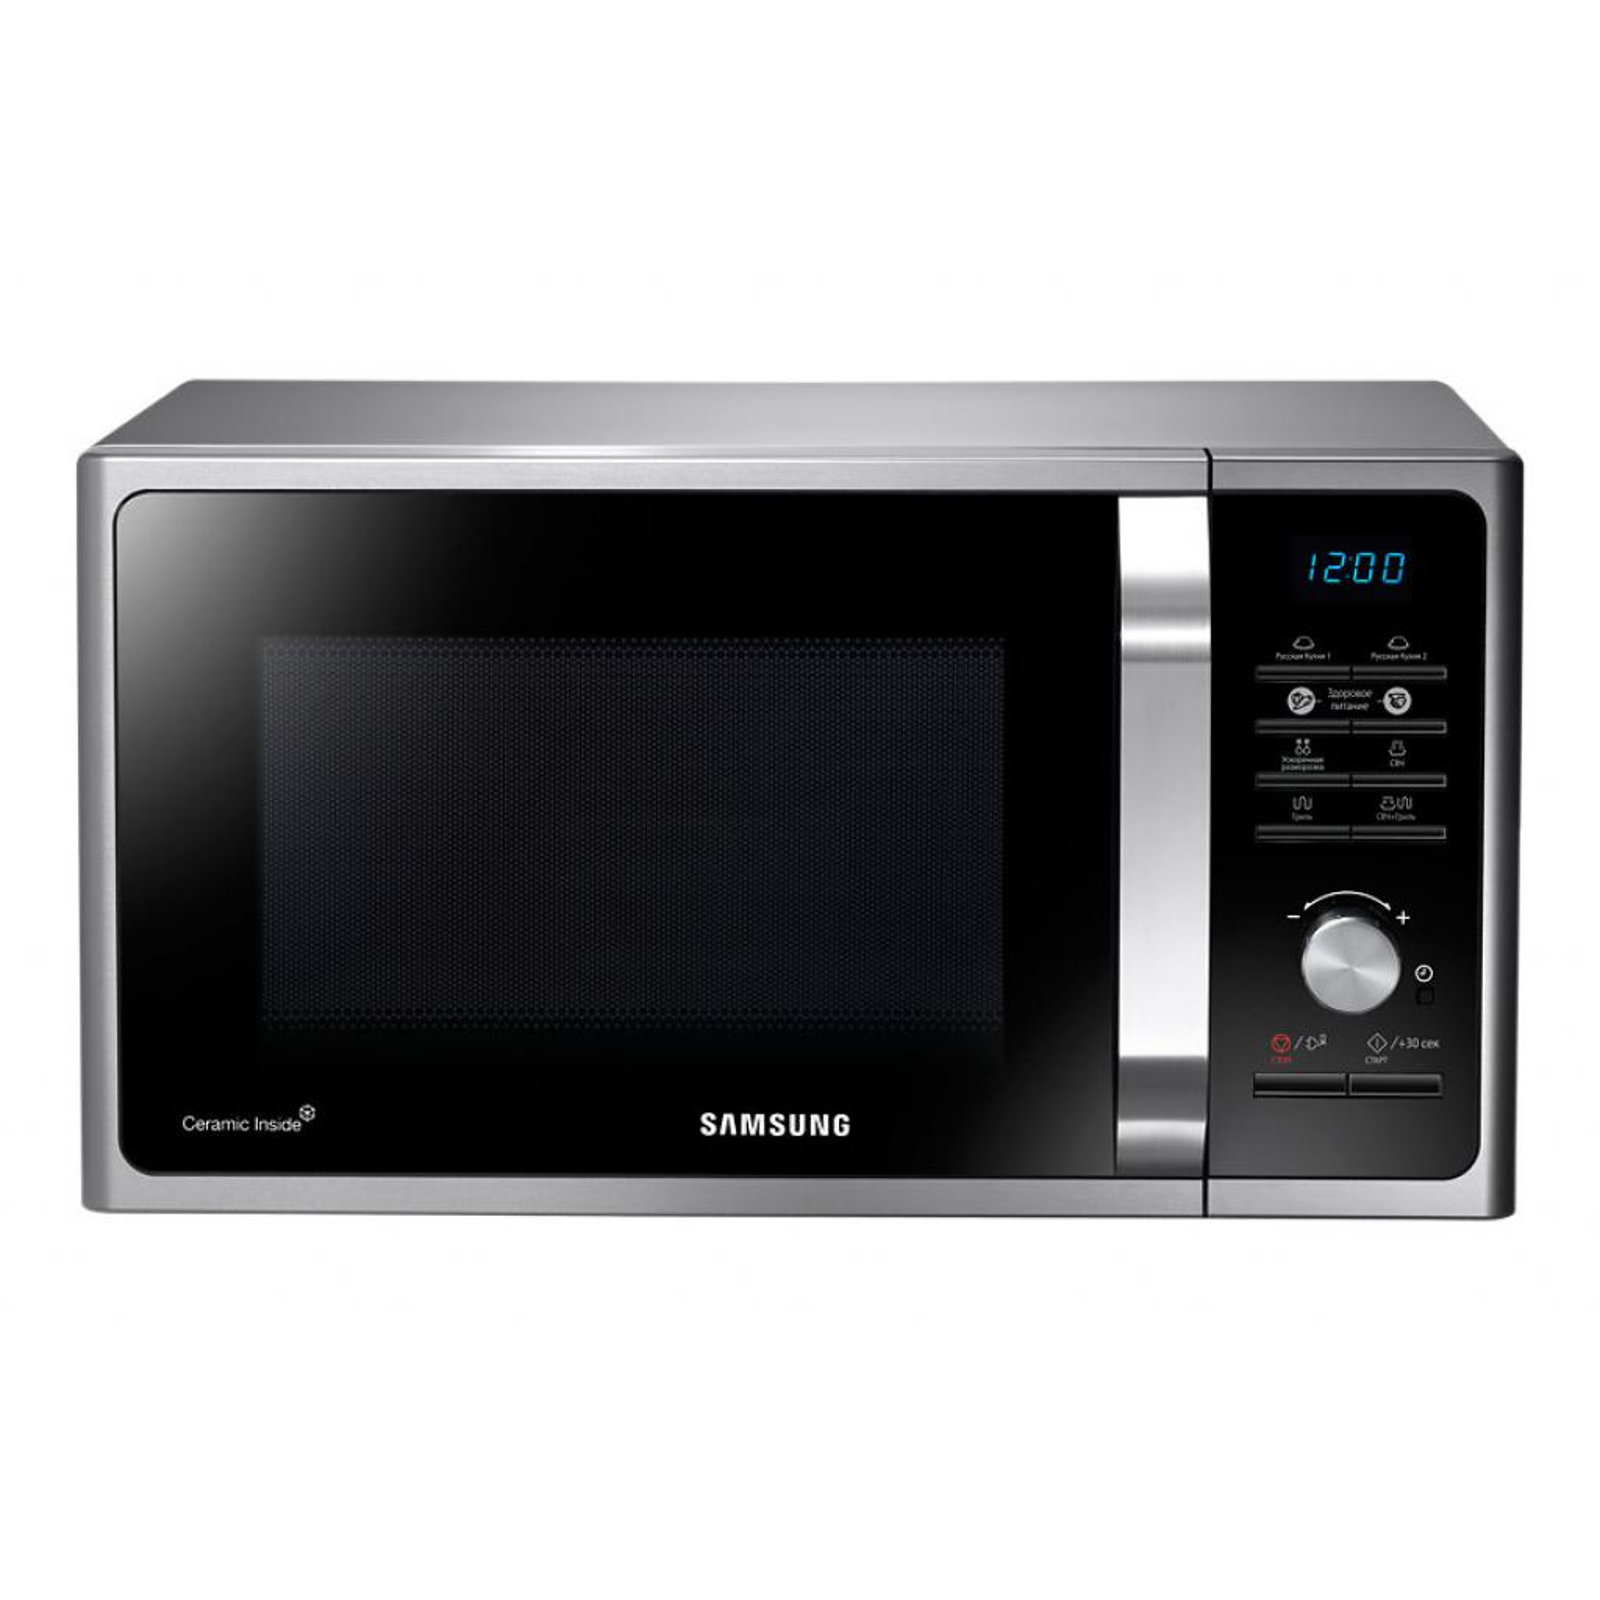 Микроволновая печь Samsung MS 23 F 302 TAK/BW (MS23F302TAK/BW)